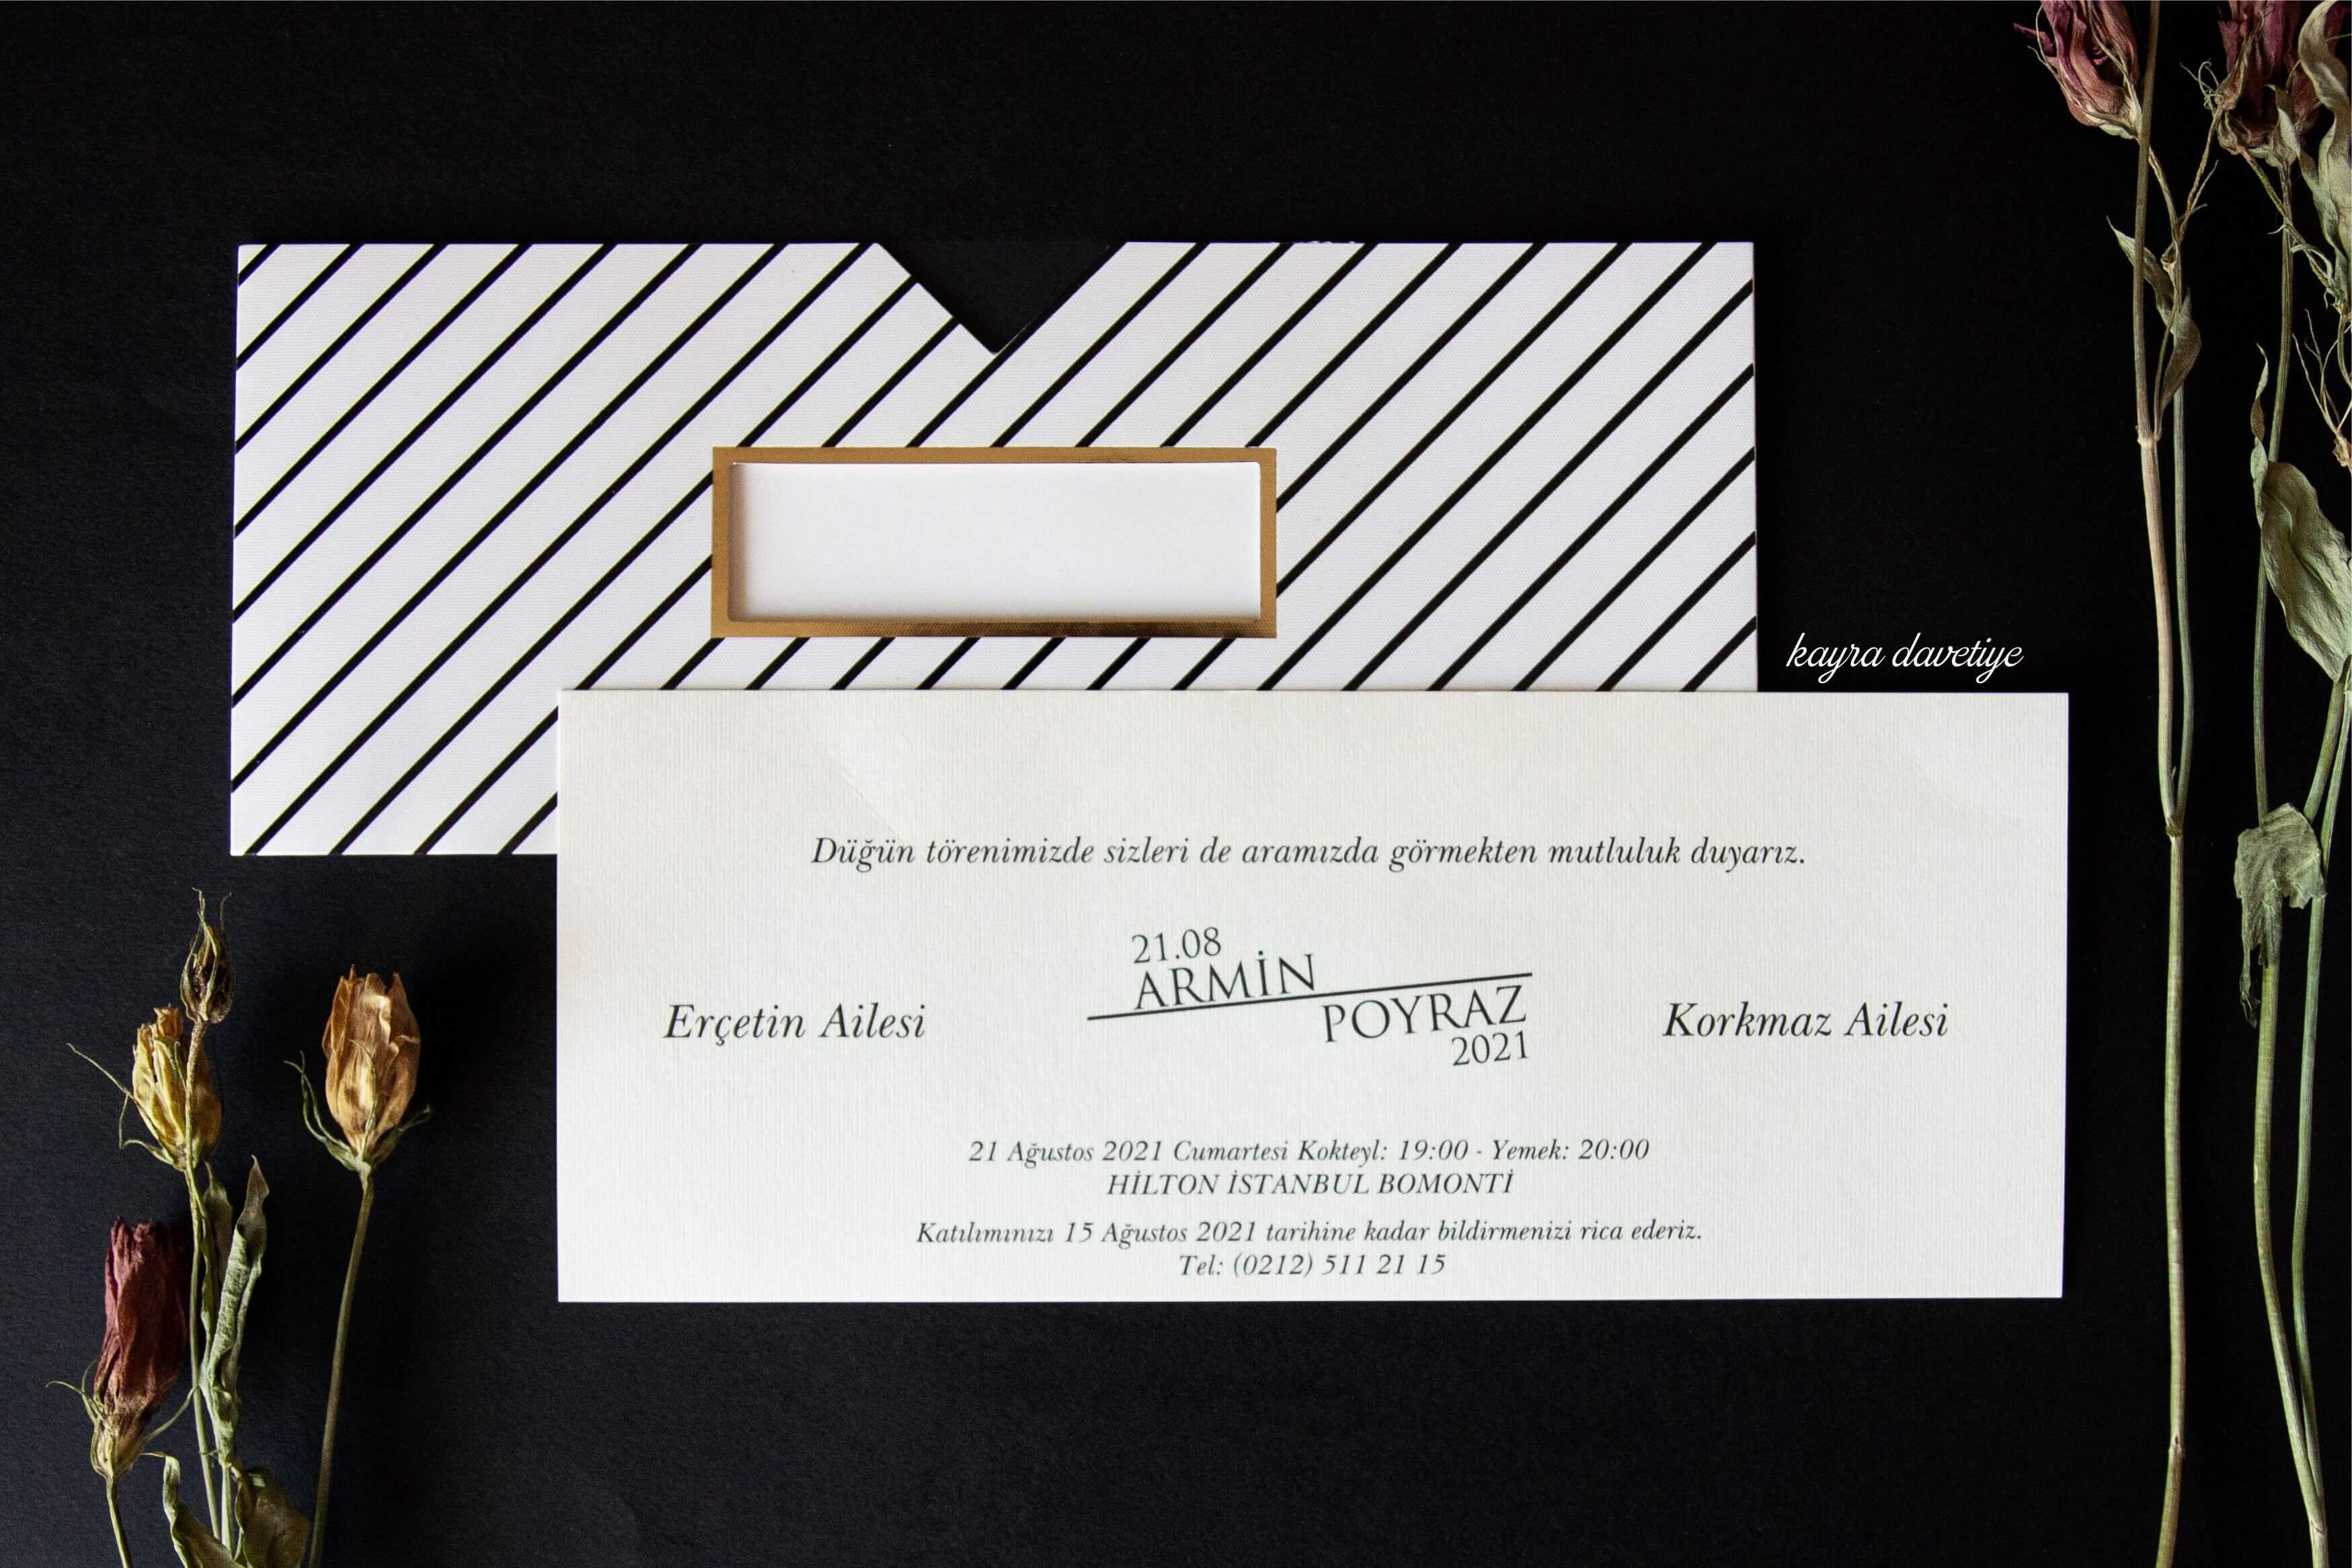 davetiye-özel tasarım-davetiye